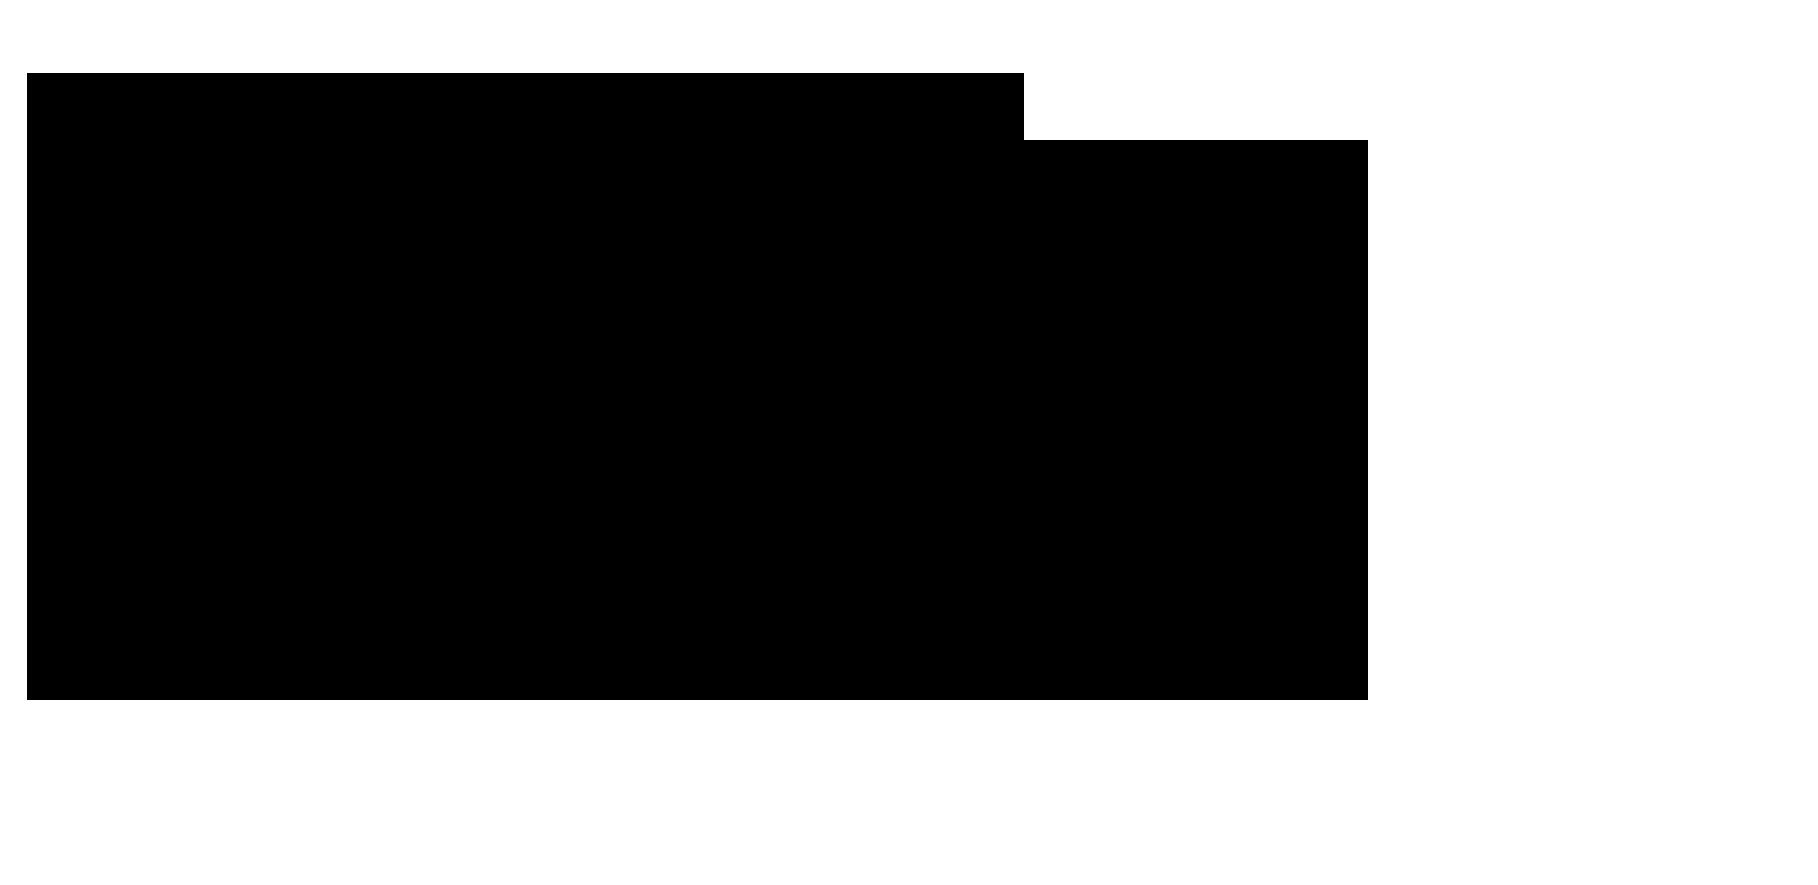 tomlogo2-1